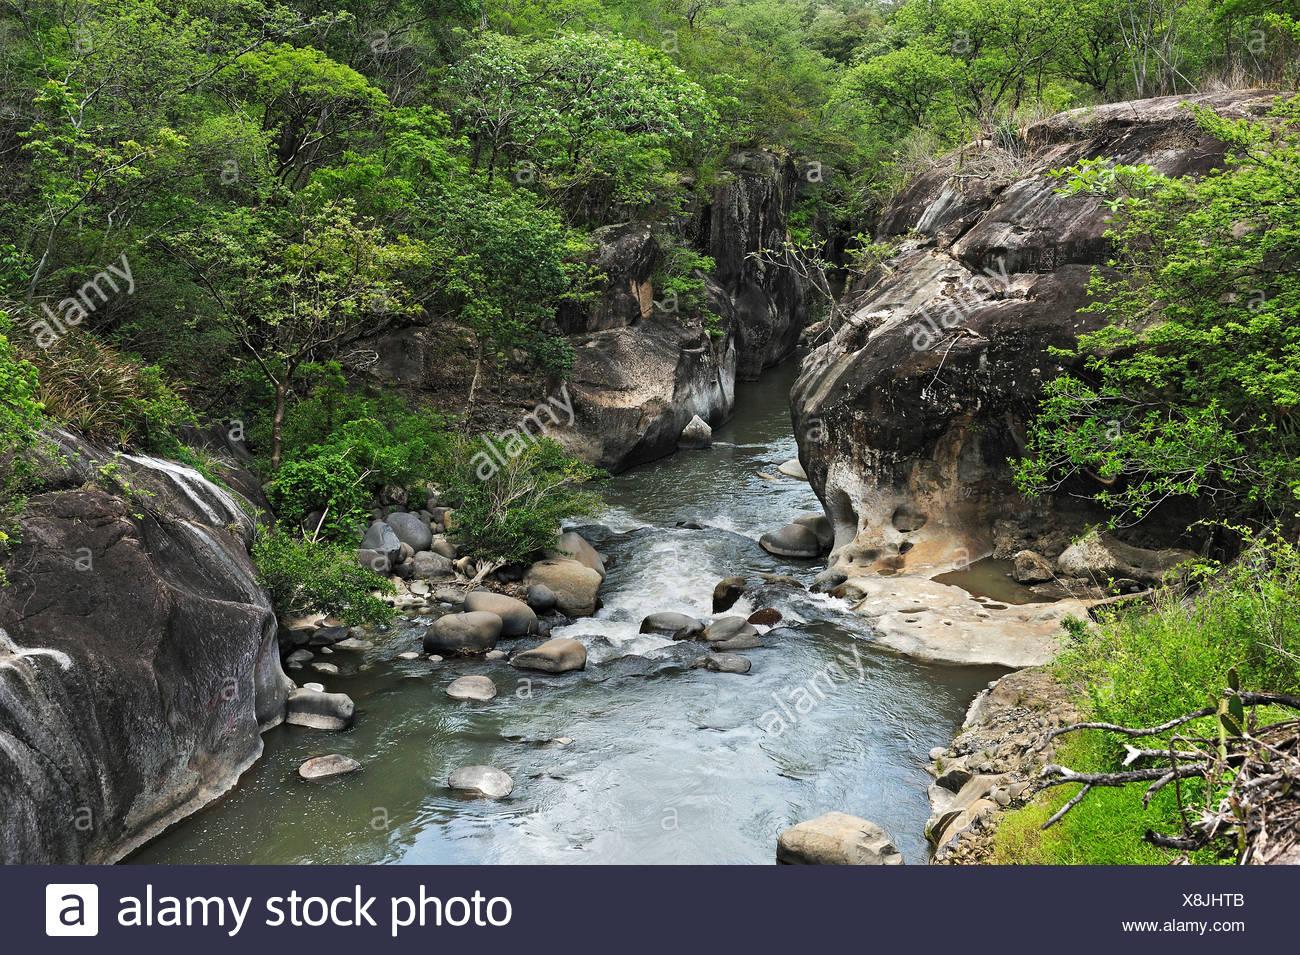 River gorge near Liberia, Guanacaste province, Costa Rica, Central America - Stock Image